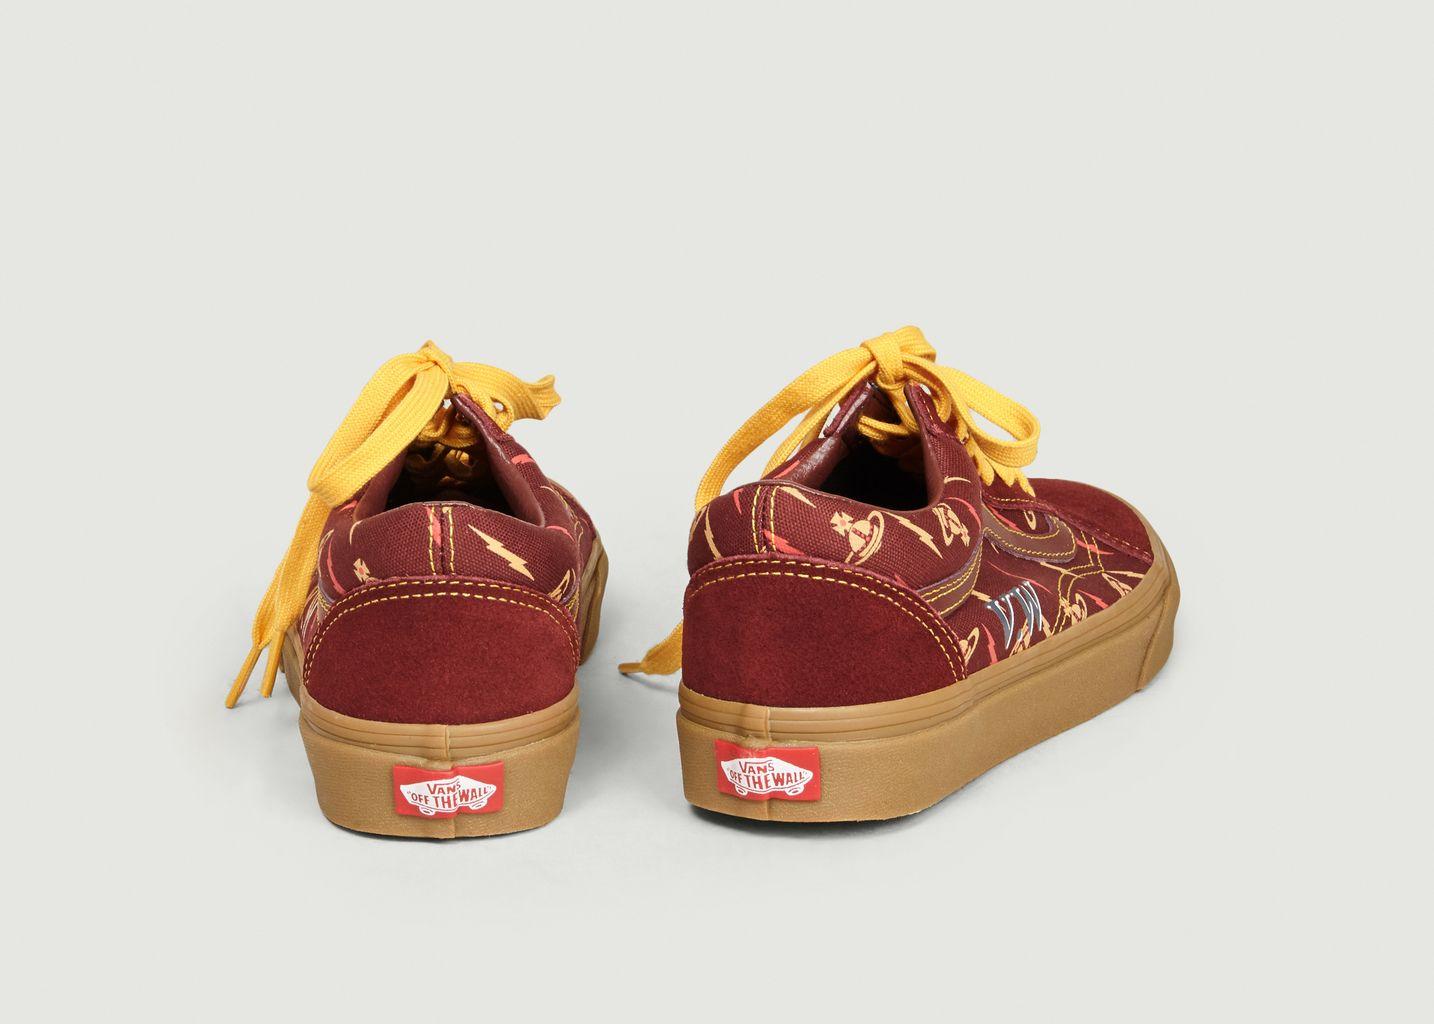 Sneakers Old School X Vivienne Westwood - Vans